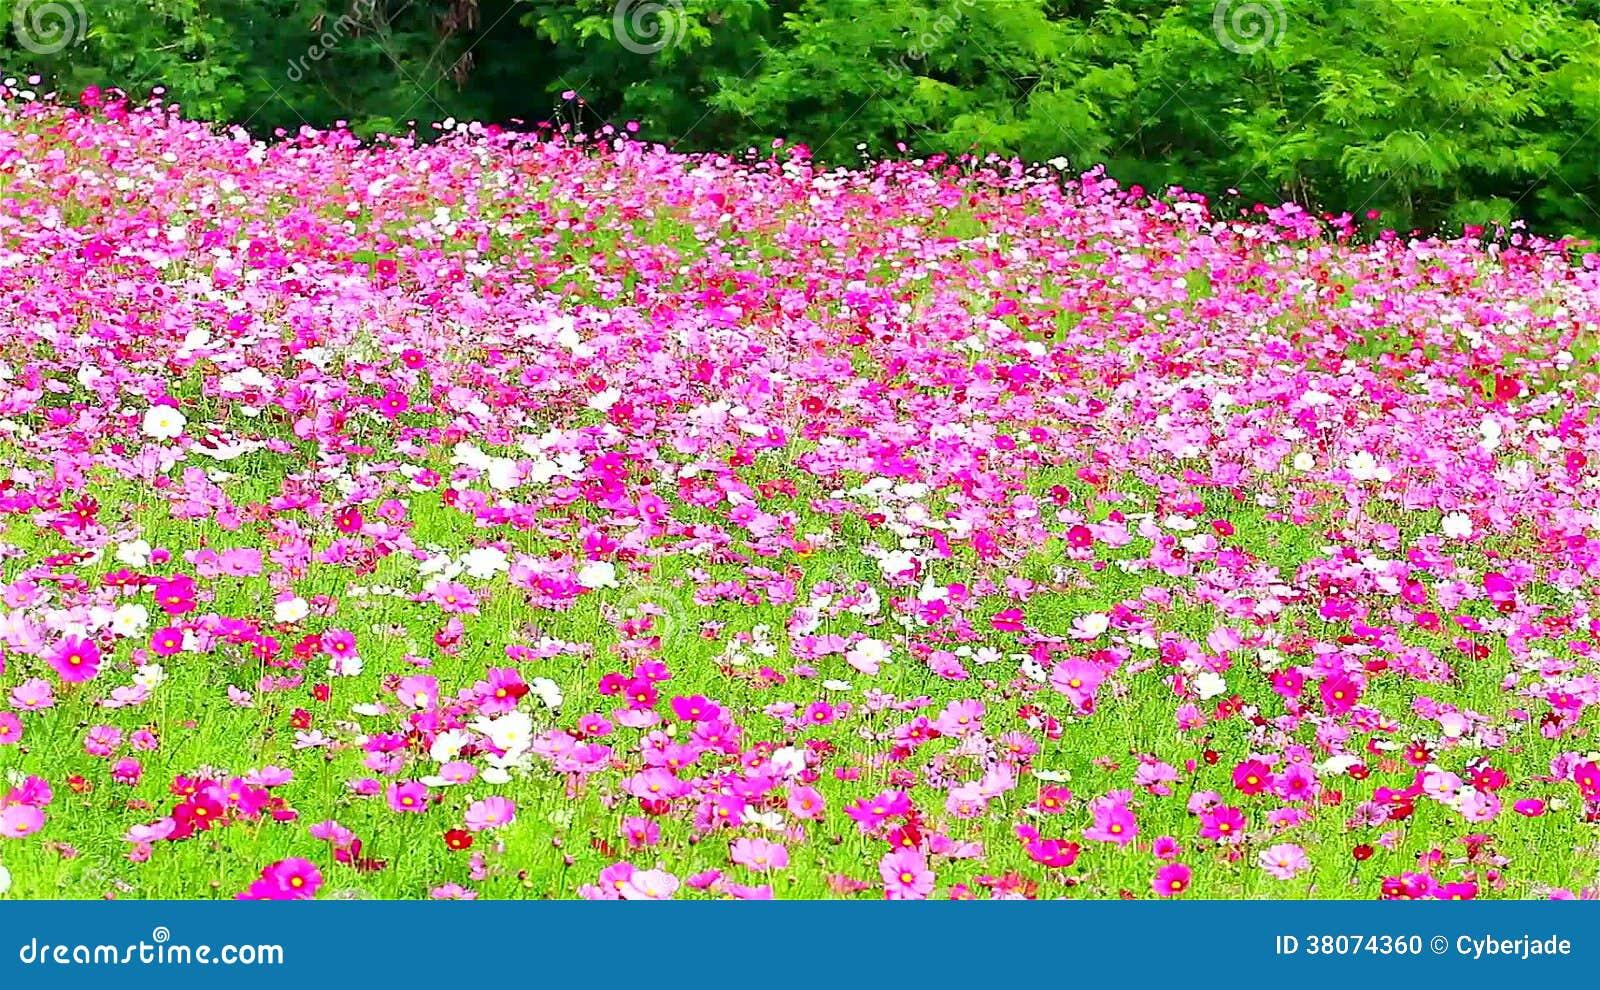 photo fleurs des champs rose id e d 39 image de fleur. Black Bedroom Furniture Sets. Home Design Ideas